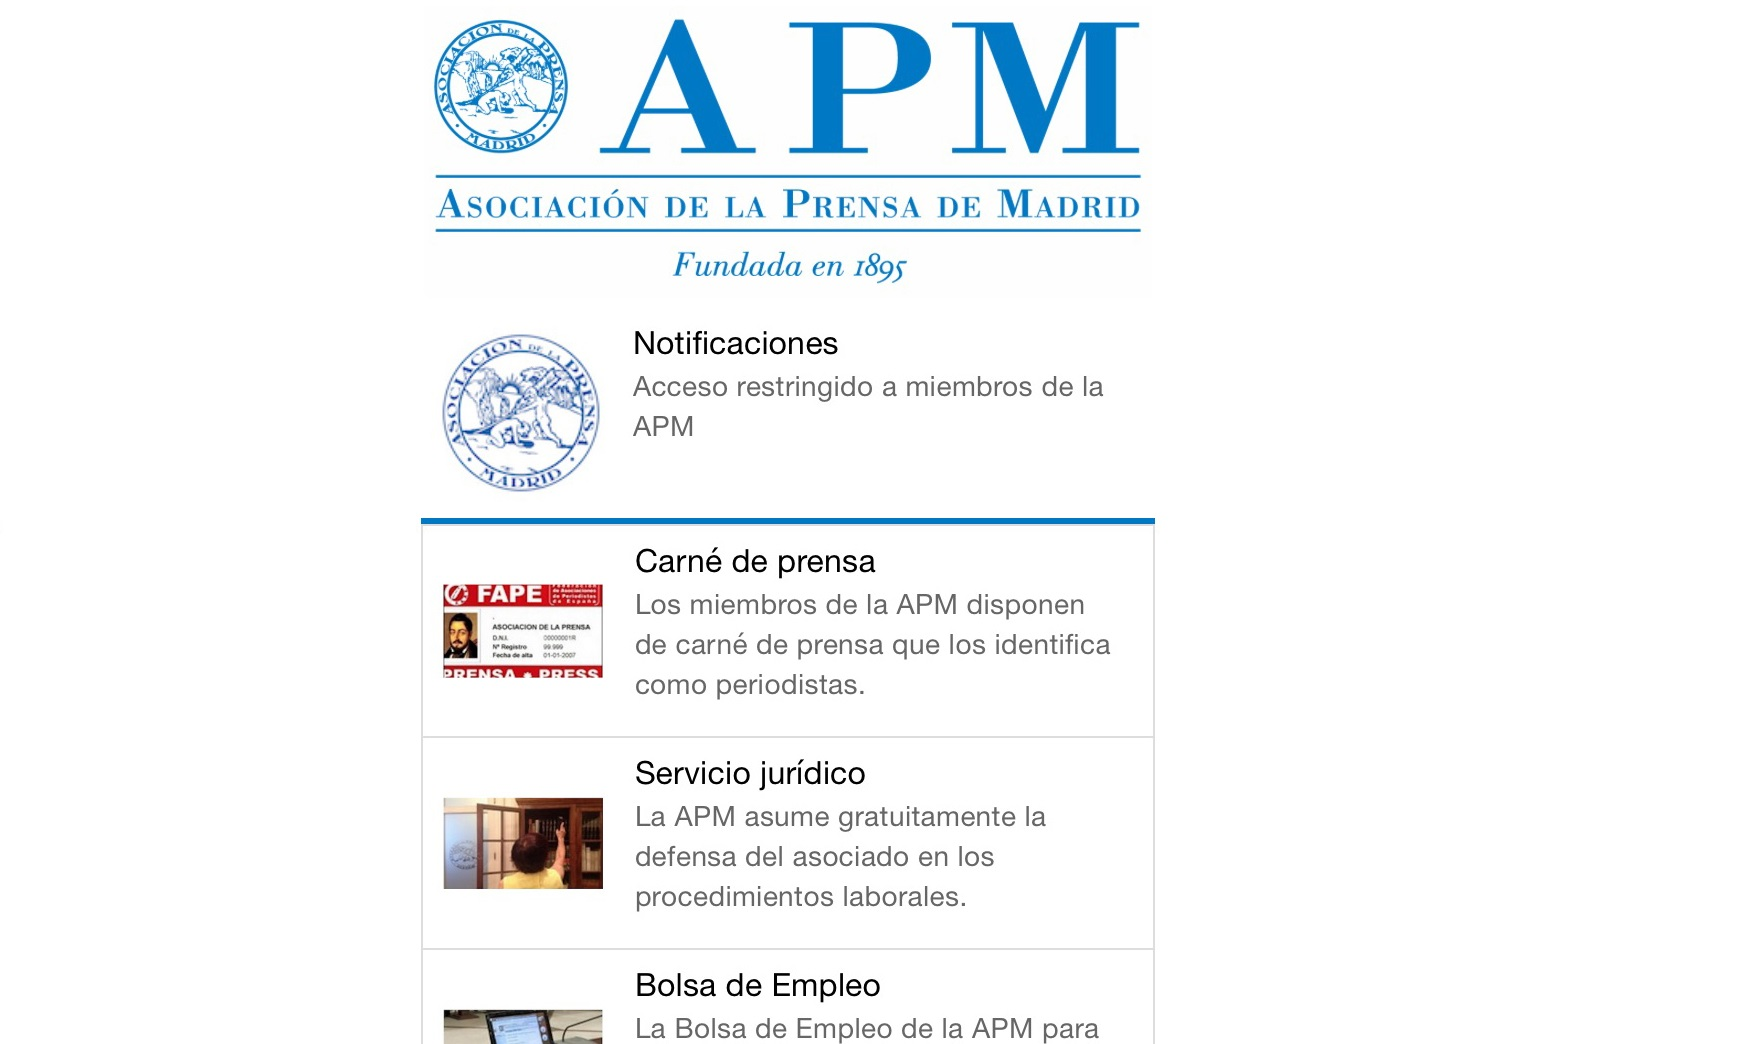 La Asociación de la Prensa de Madrid lanza una aplicación para móvil